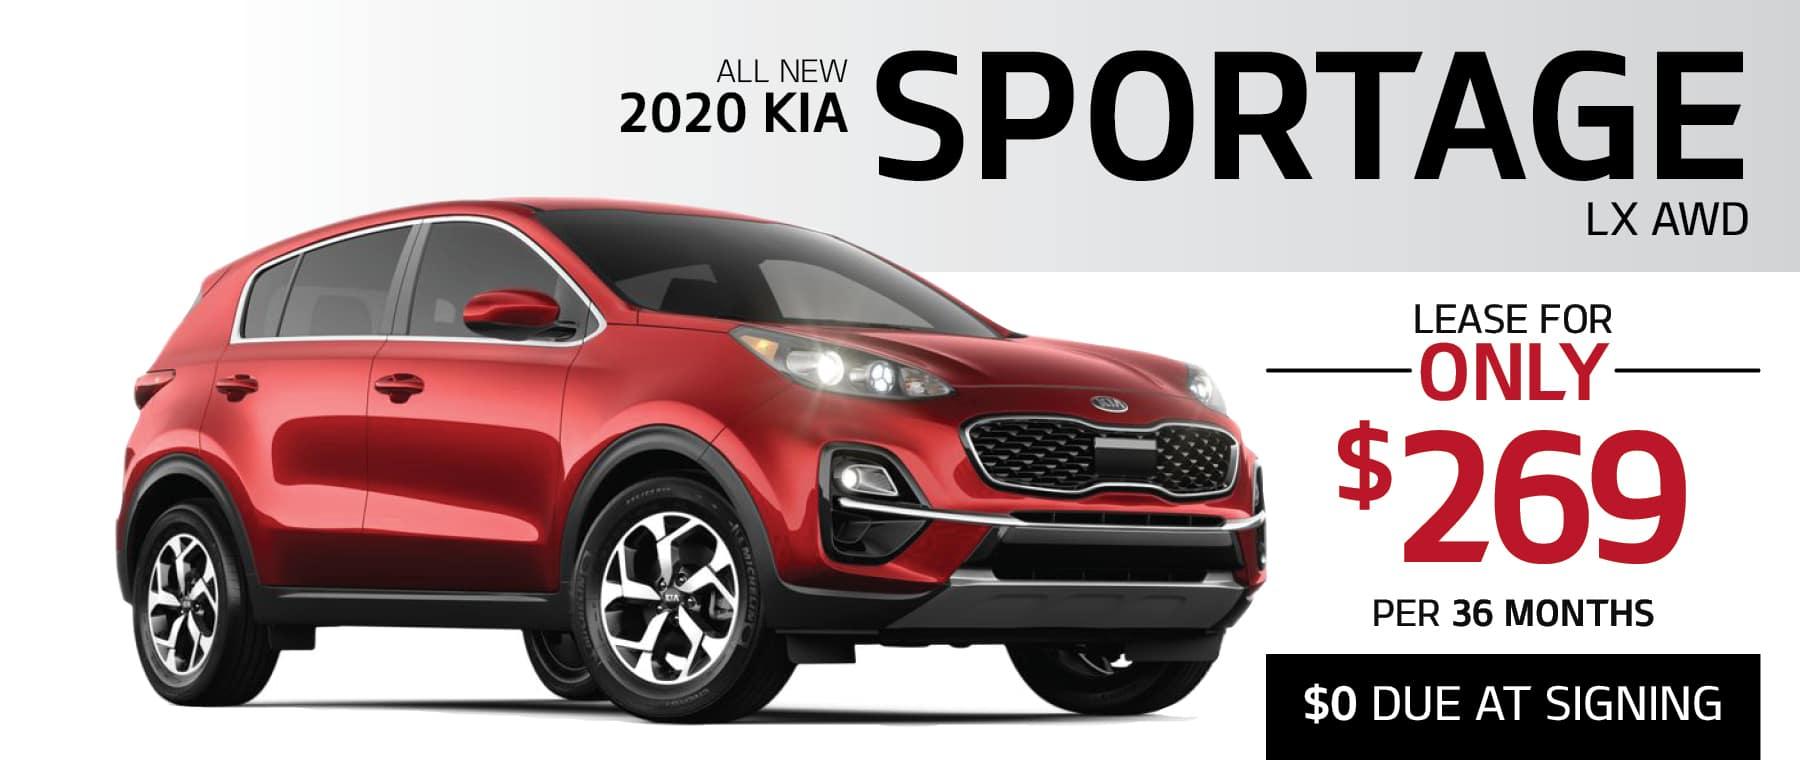 1800x760_KIA_SPORTAGE_SEPT